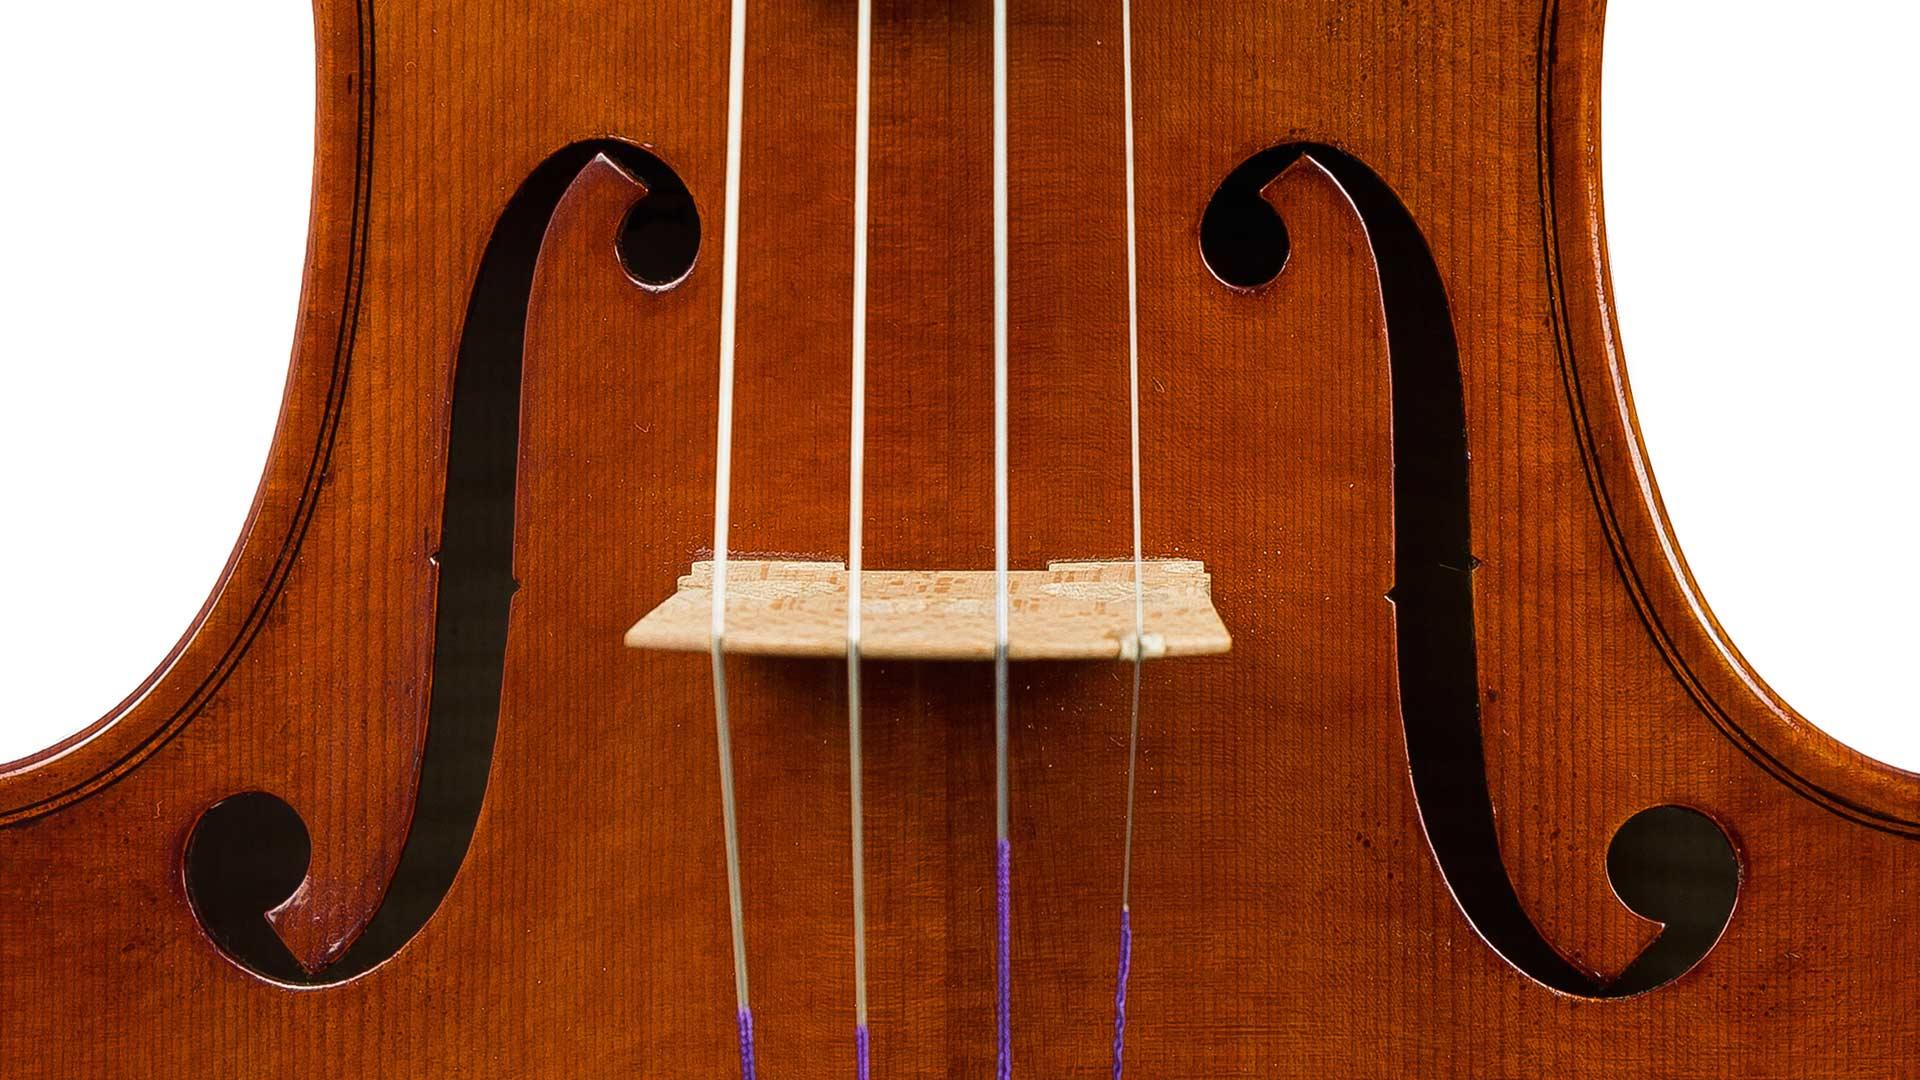 הכינור המפורסם, העיר הרועשת ושינוי האקלים